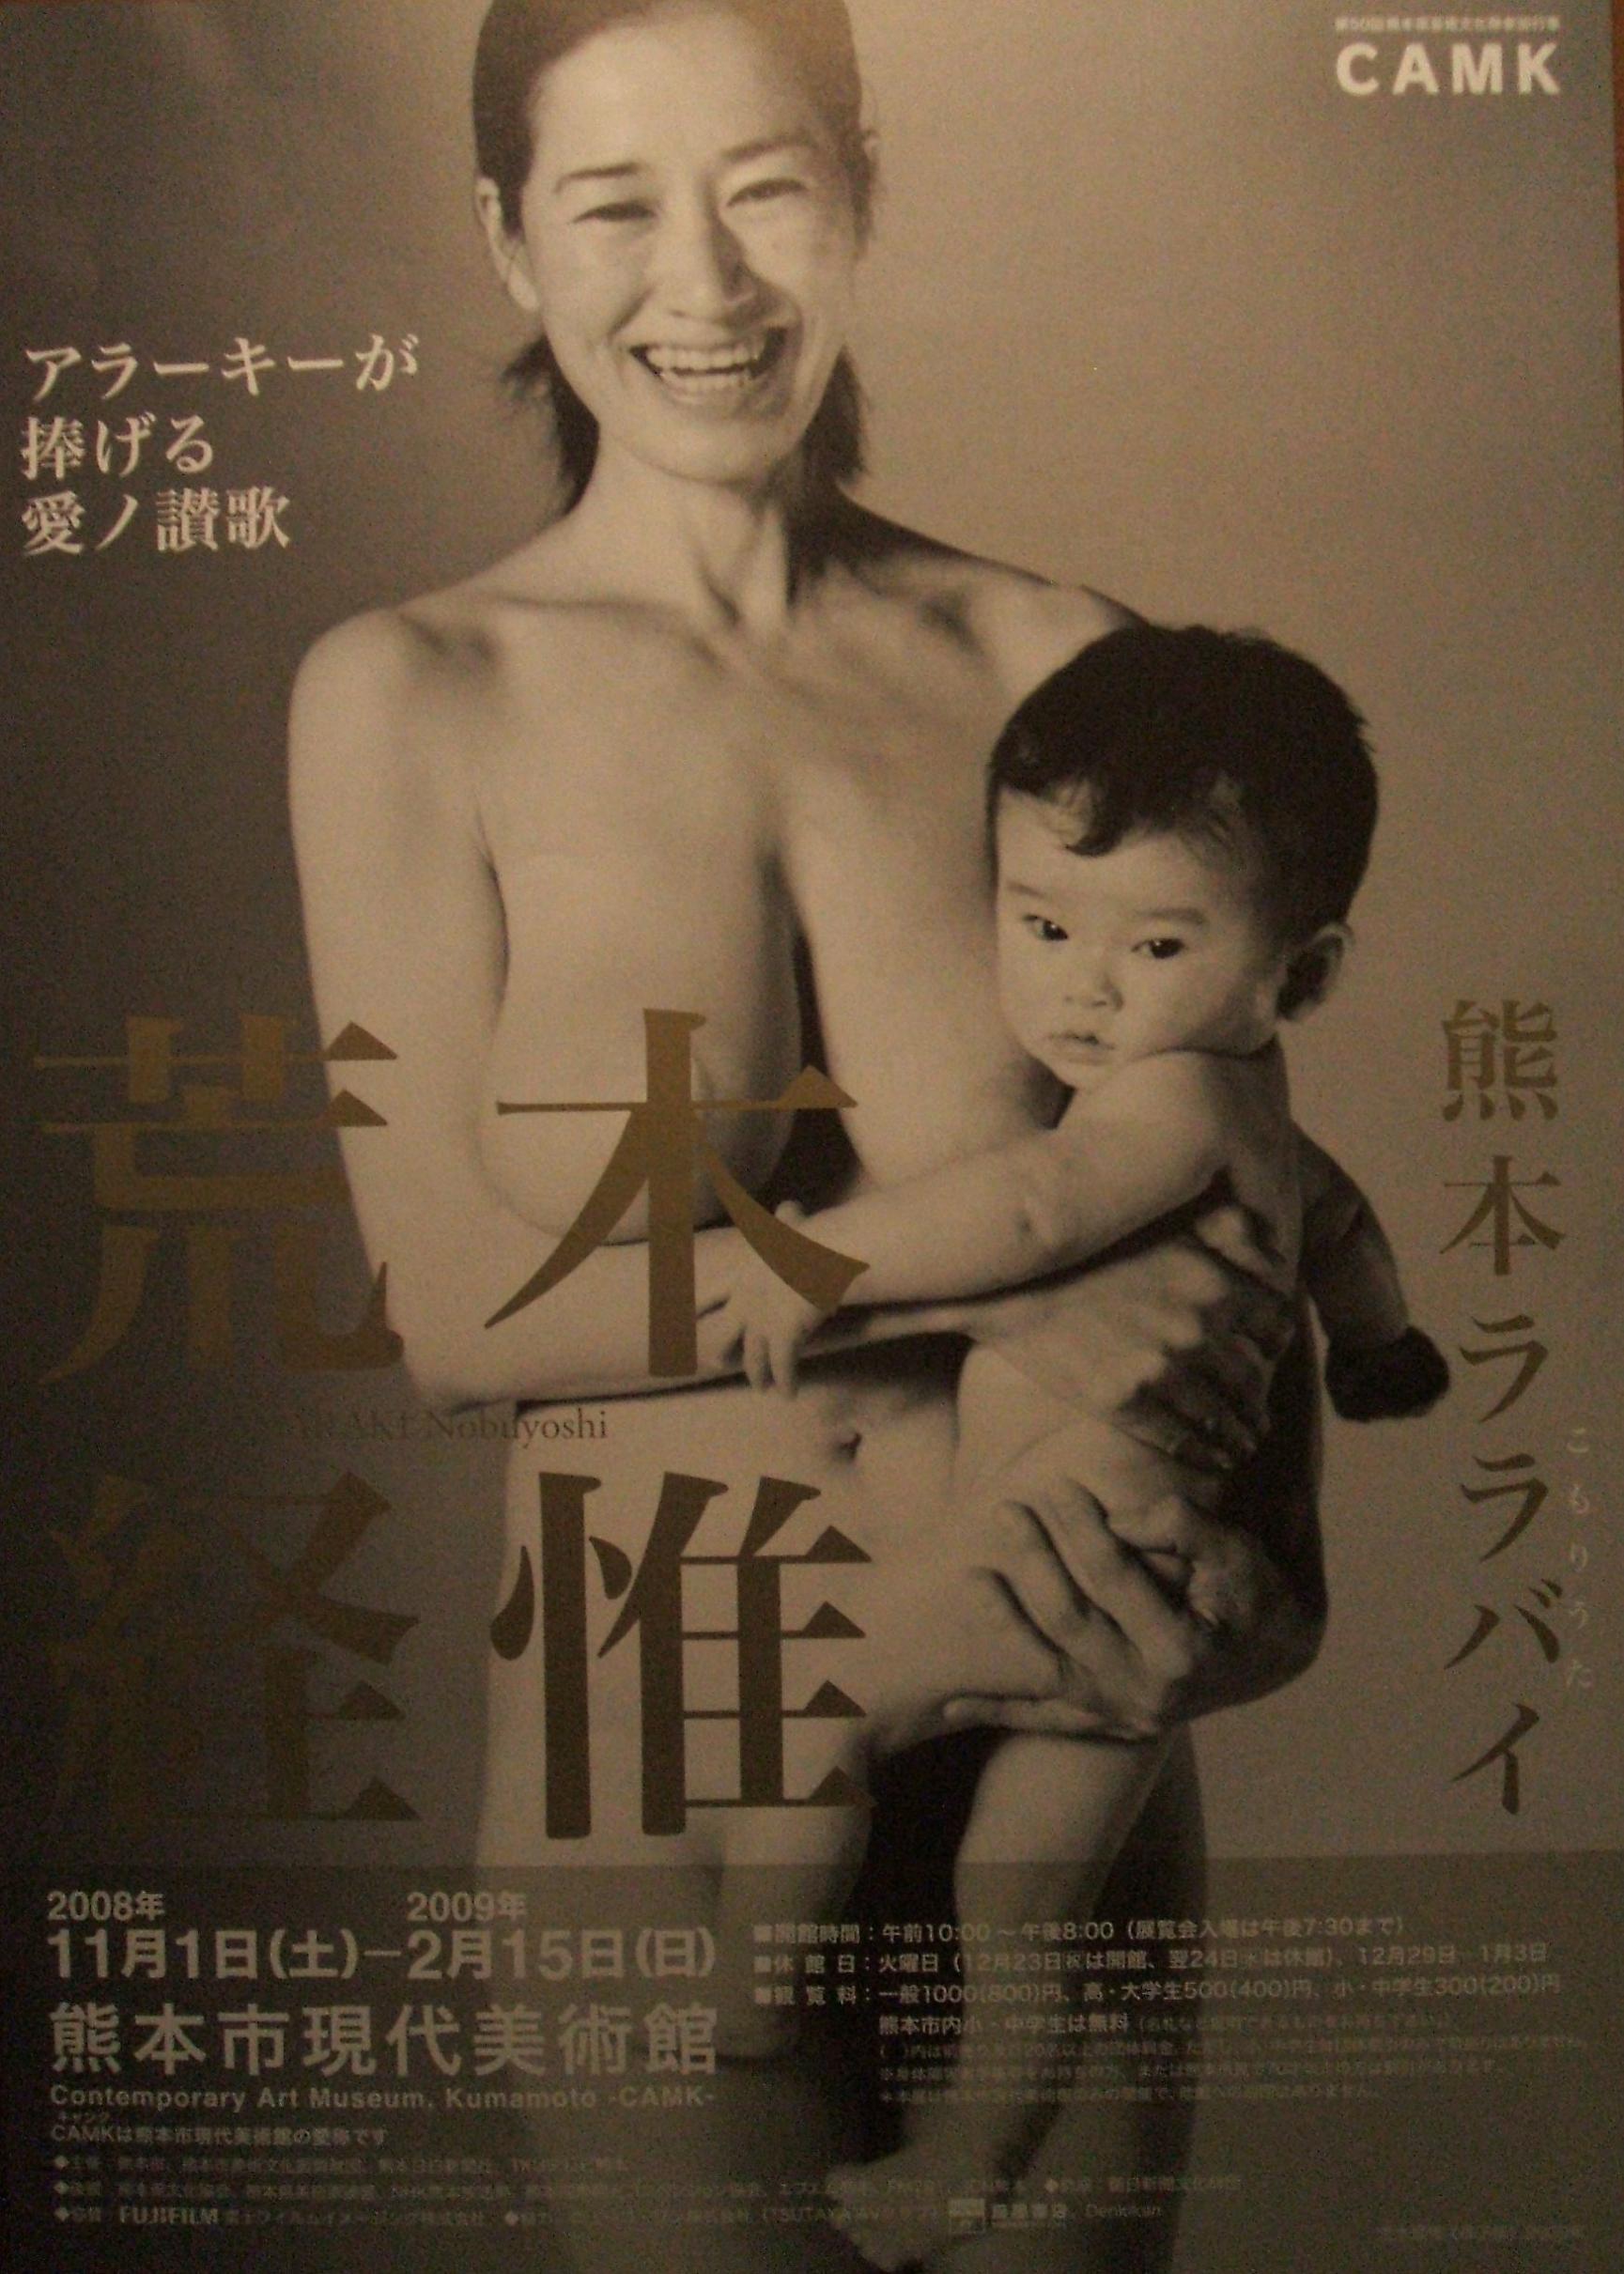 母子ヌード  熊本 熊本市現代美術館